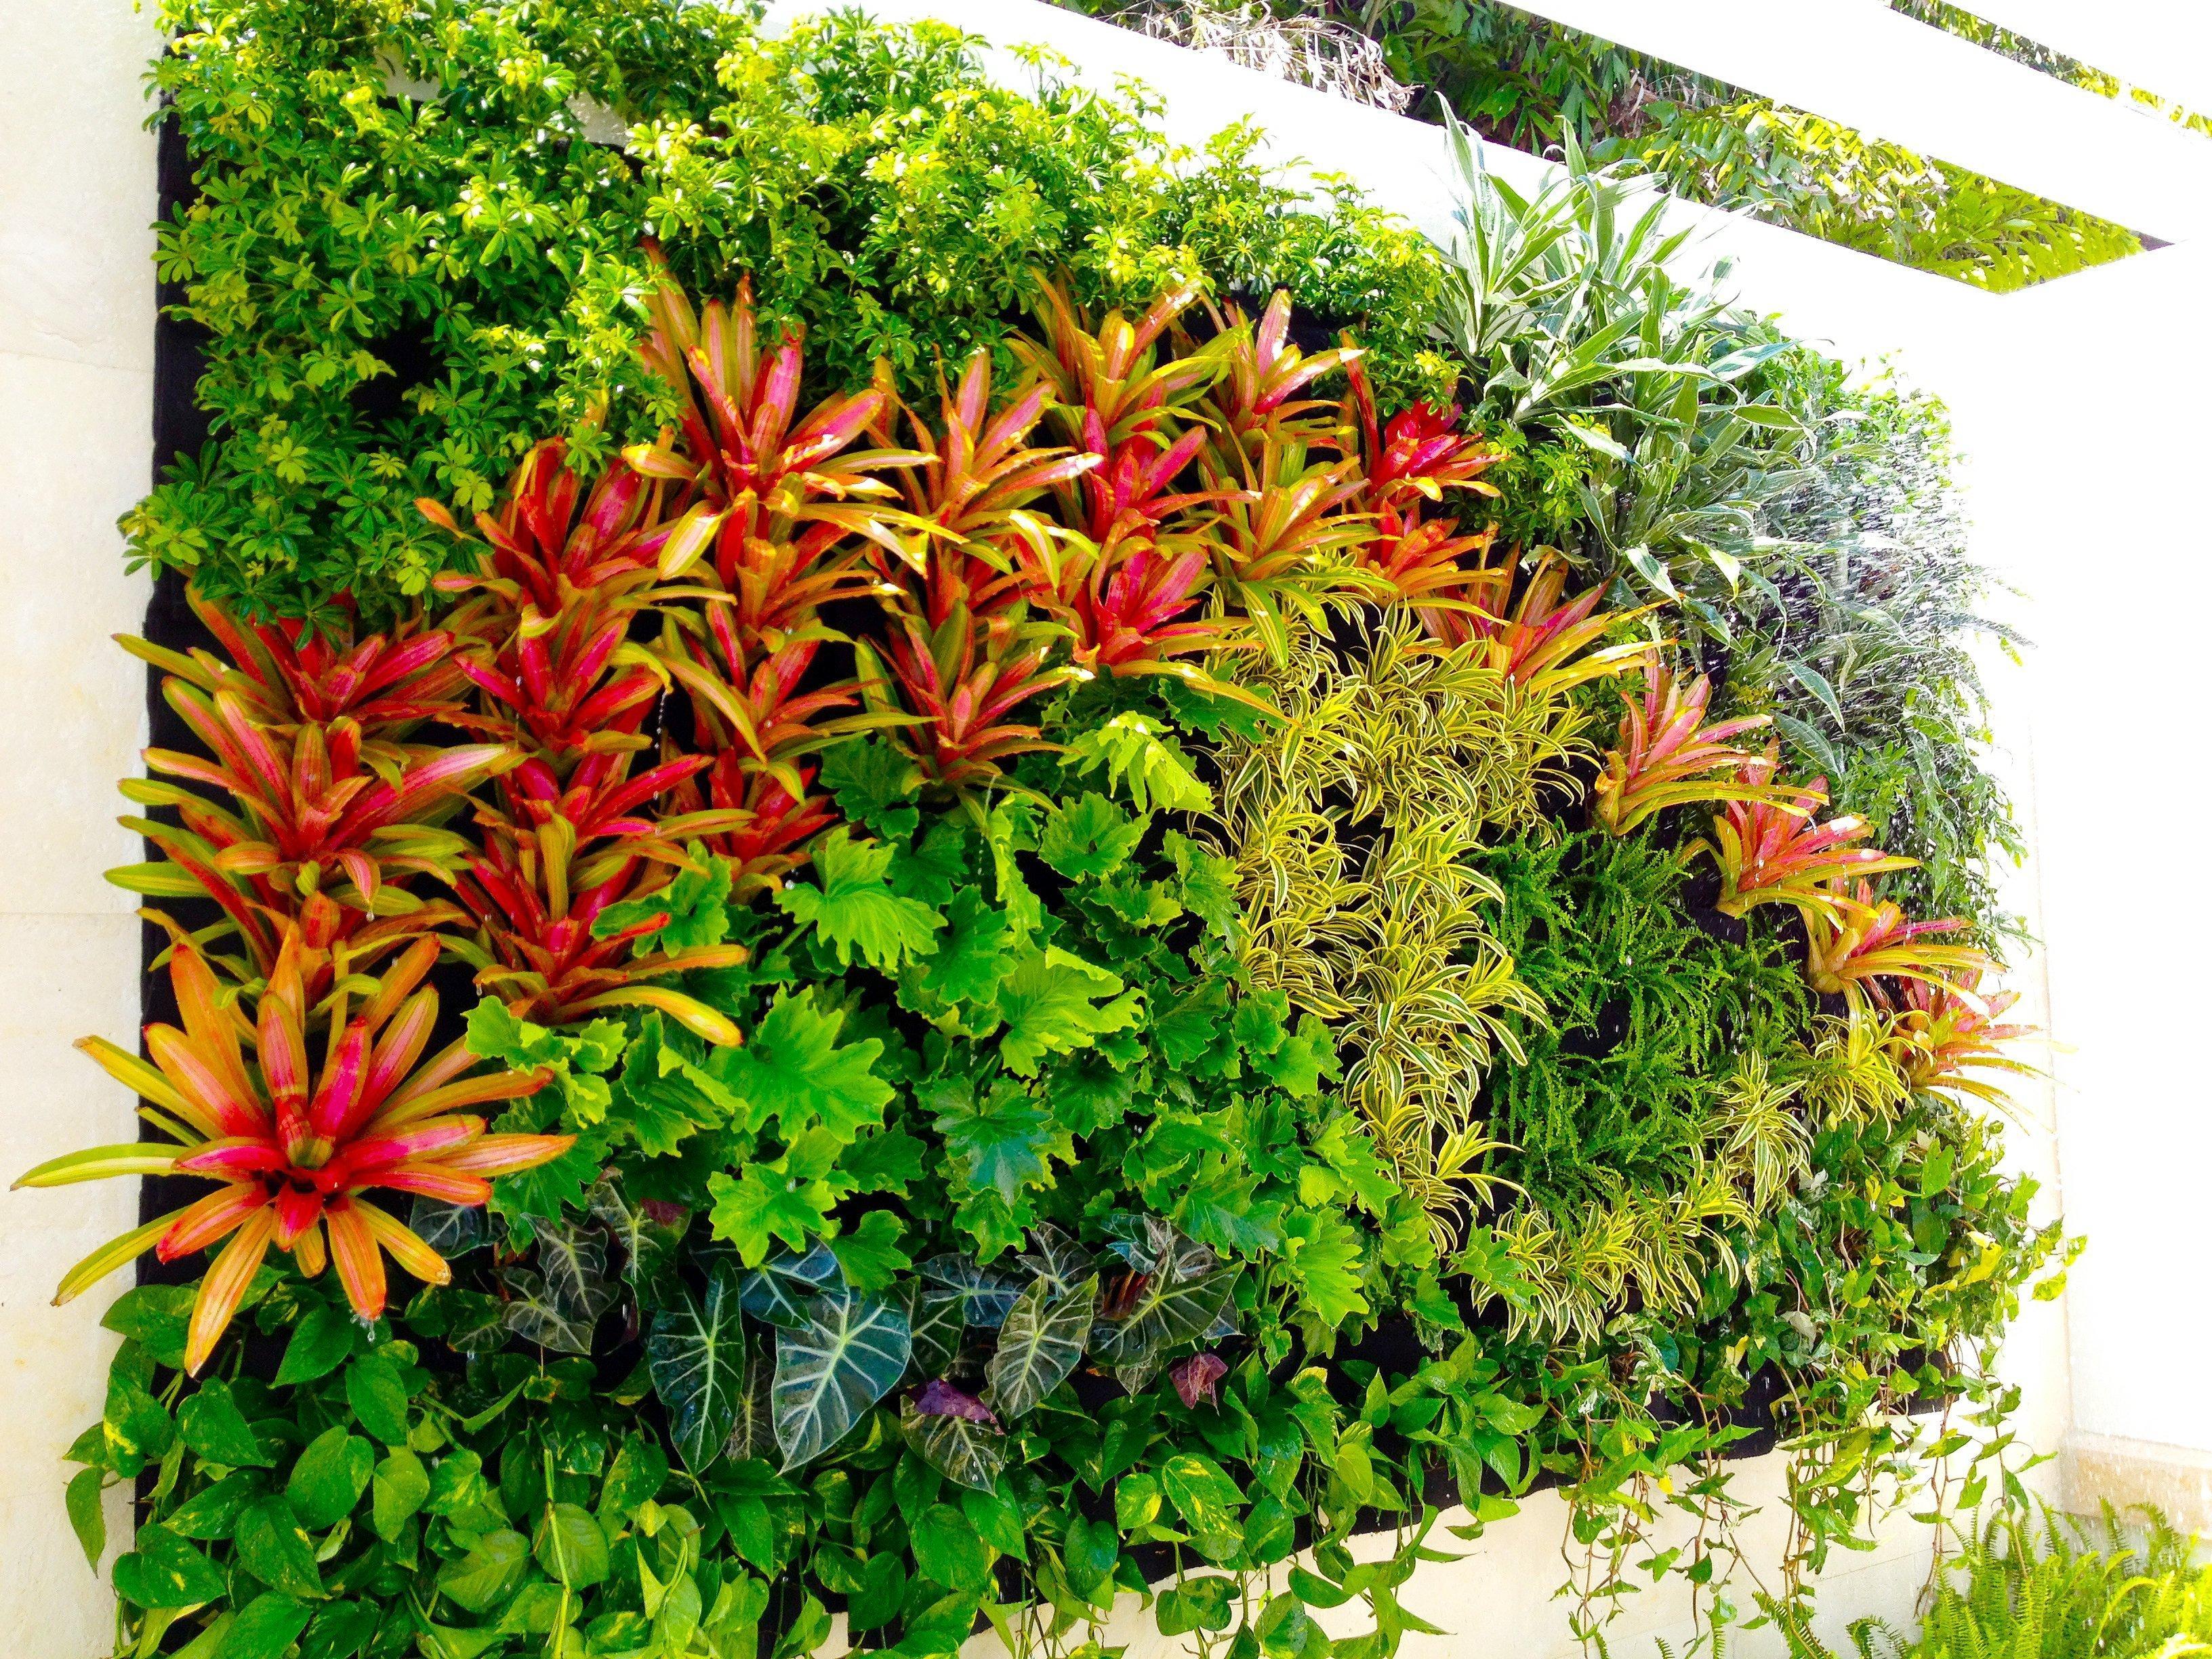 Florafelt Vertical Garden by Jeff Allis of Tru Vine Design.